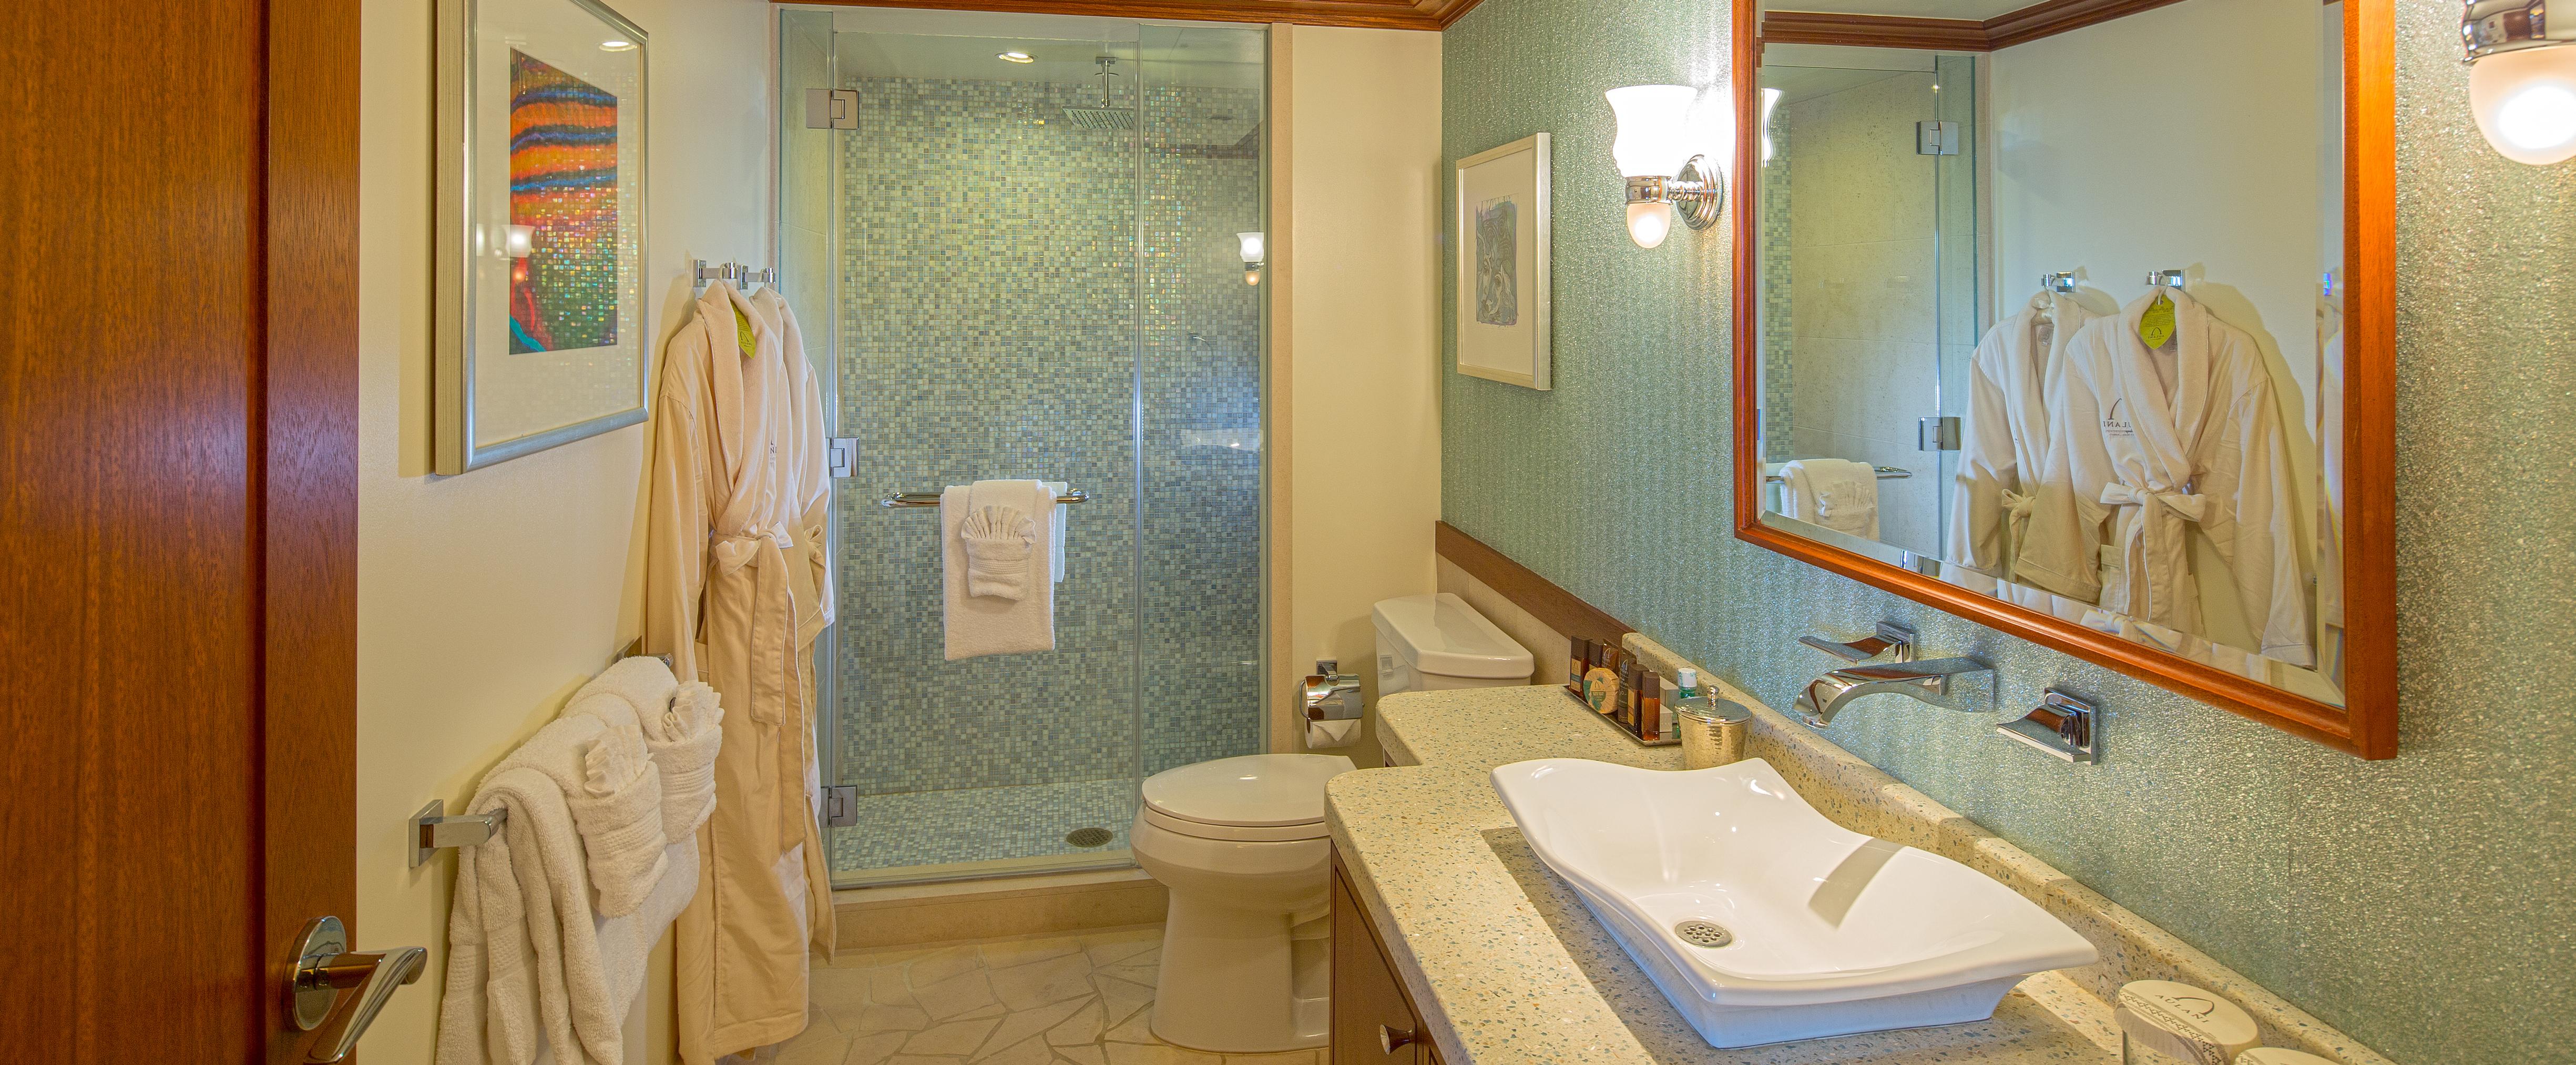 シャワーと上質なローブのあるセカンドバスルーム